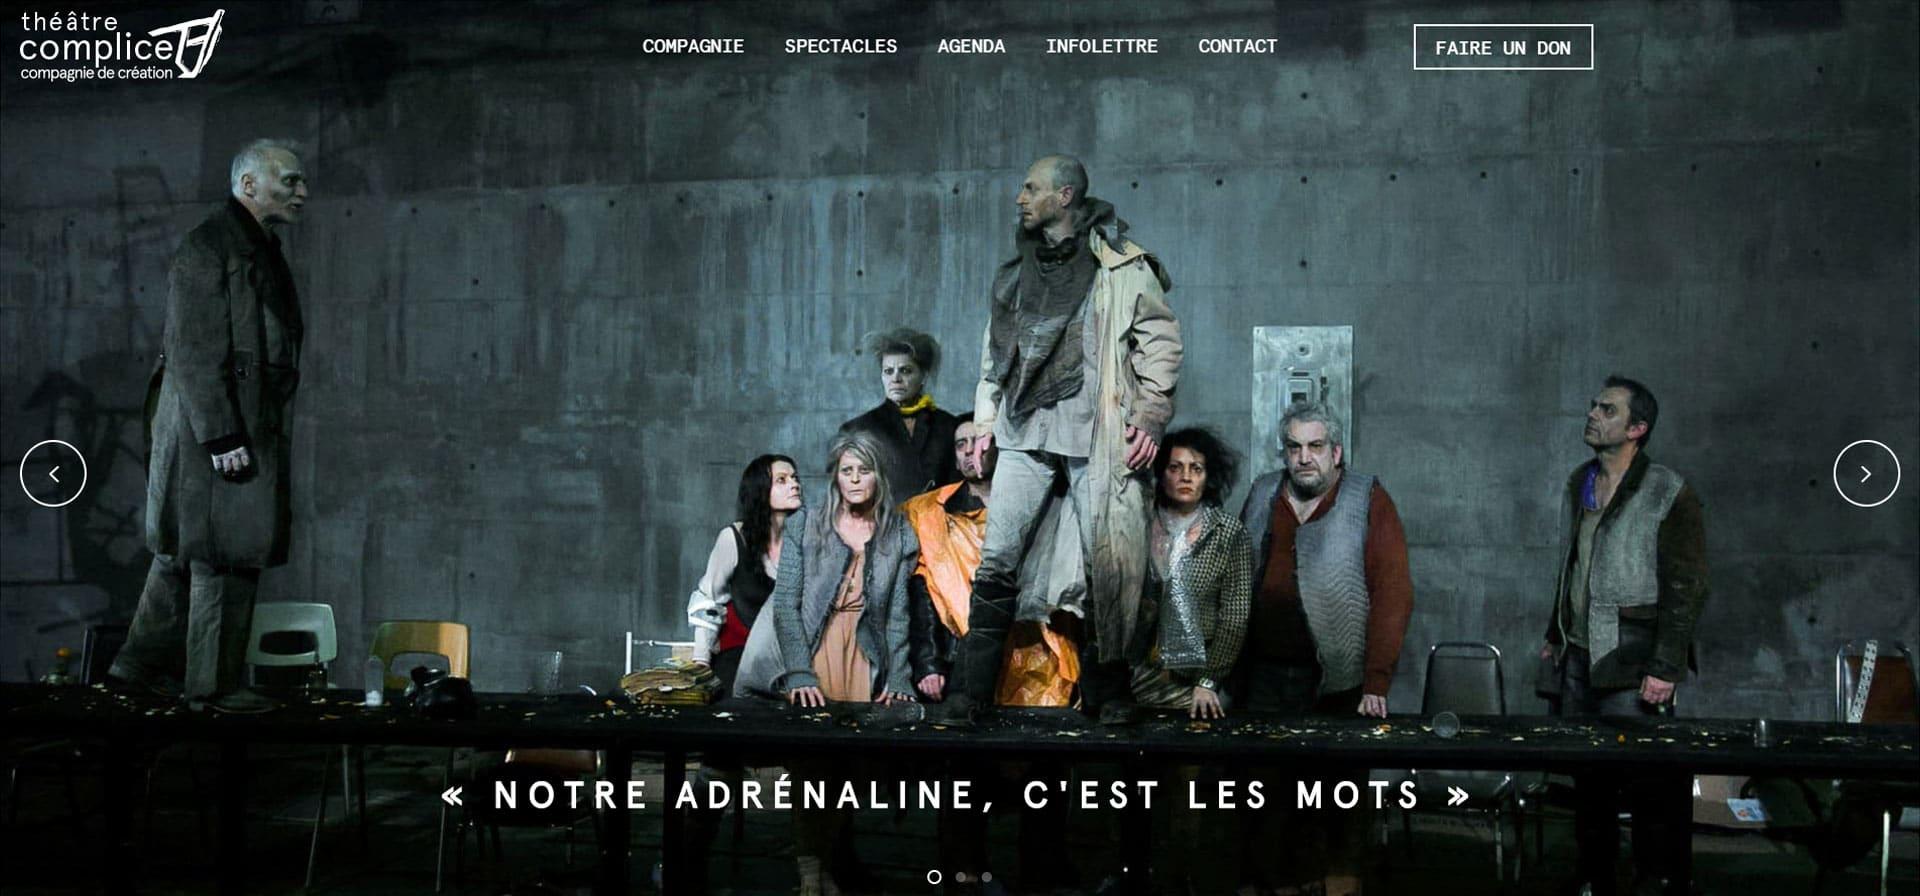 theatre-complice-1